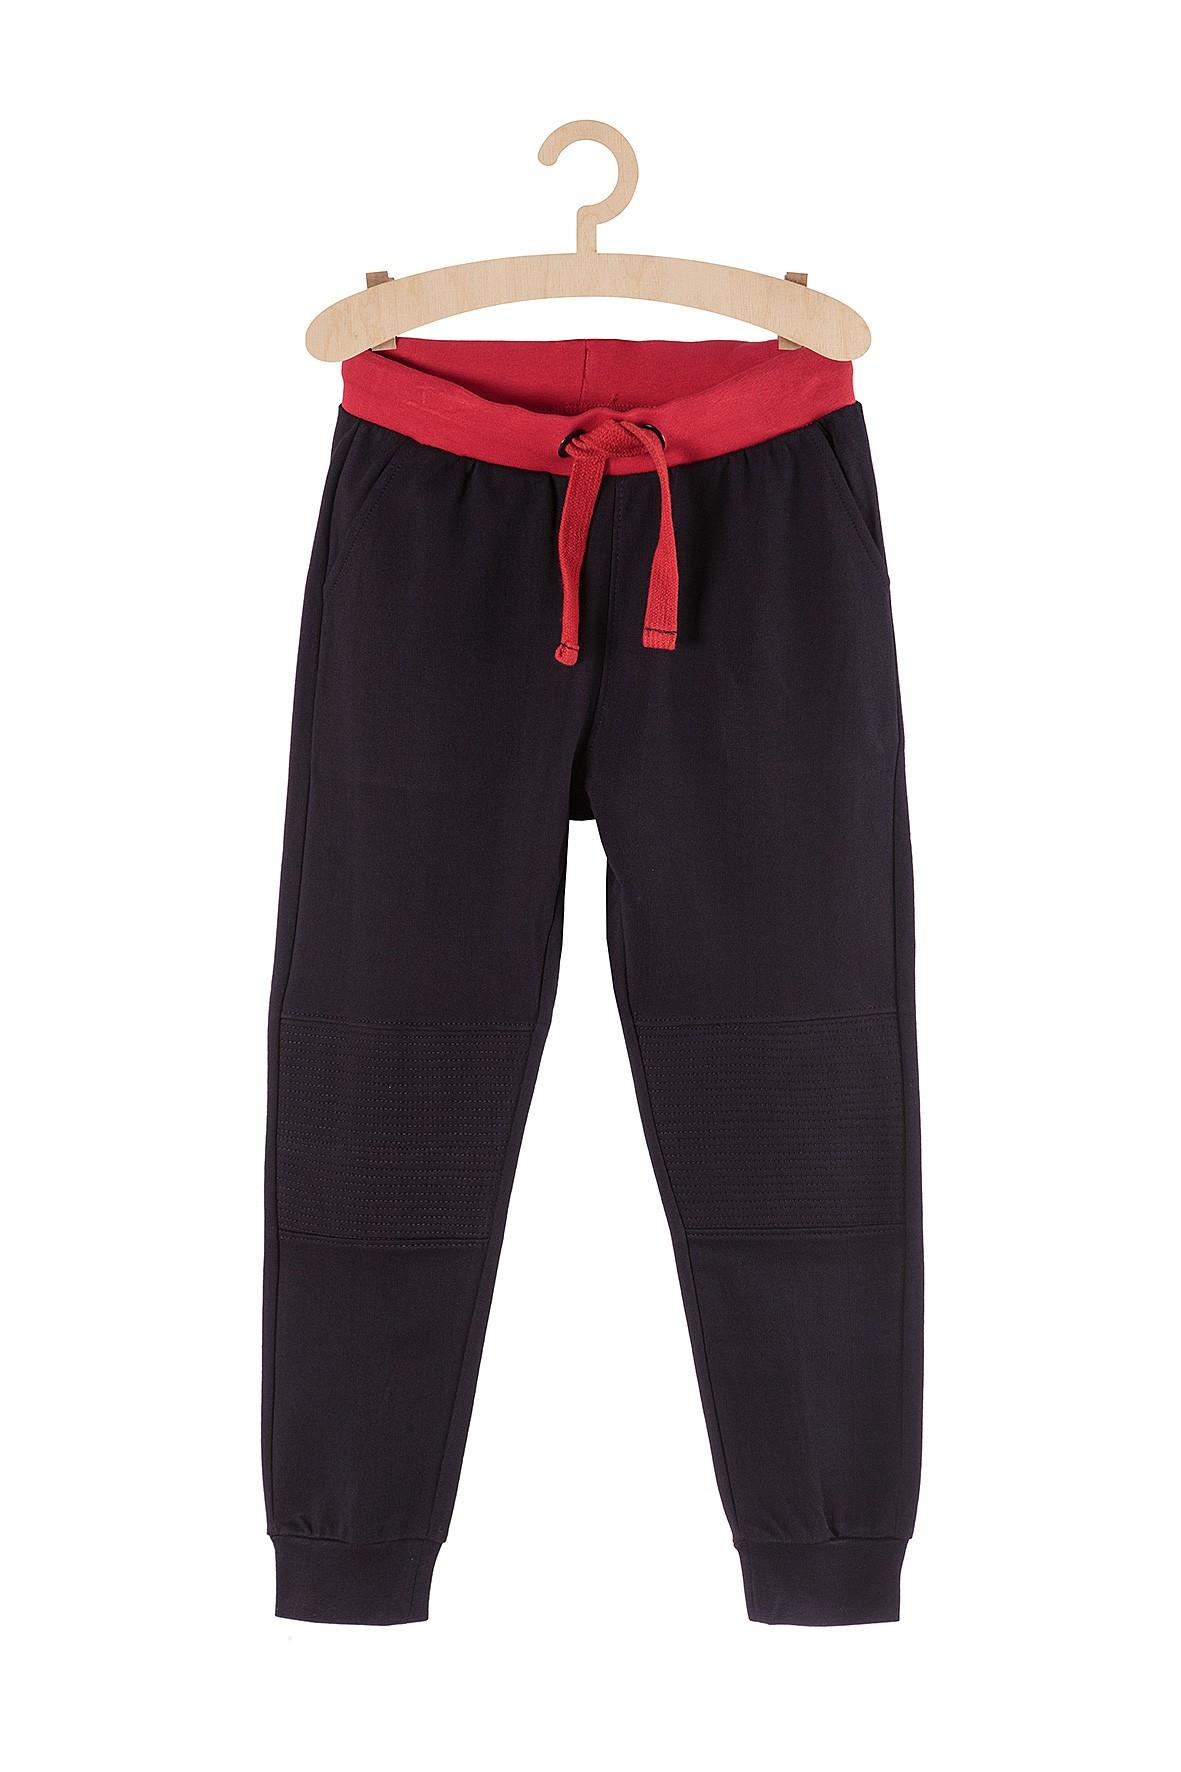 Spodnie dresowe dla chłopca- czarne z wzmacnianymi nogawkami